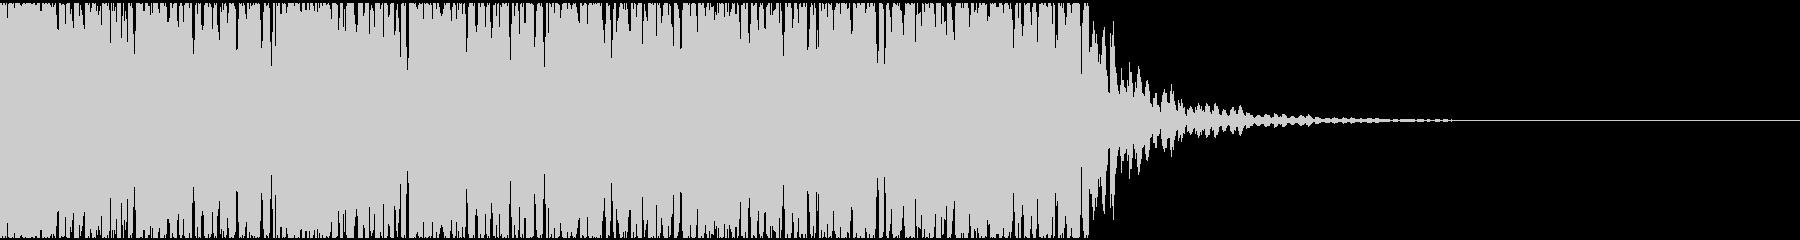 【エレクトロニカ】テクノ、ジングル3の未再生の波形